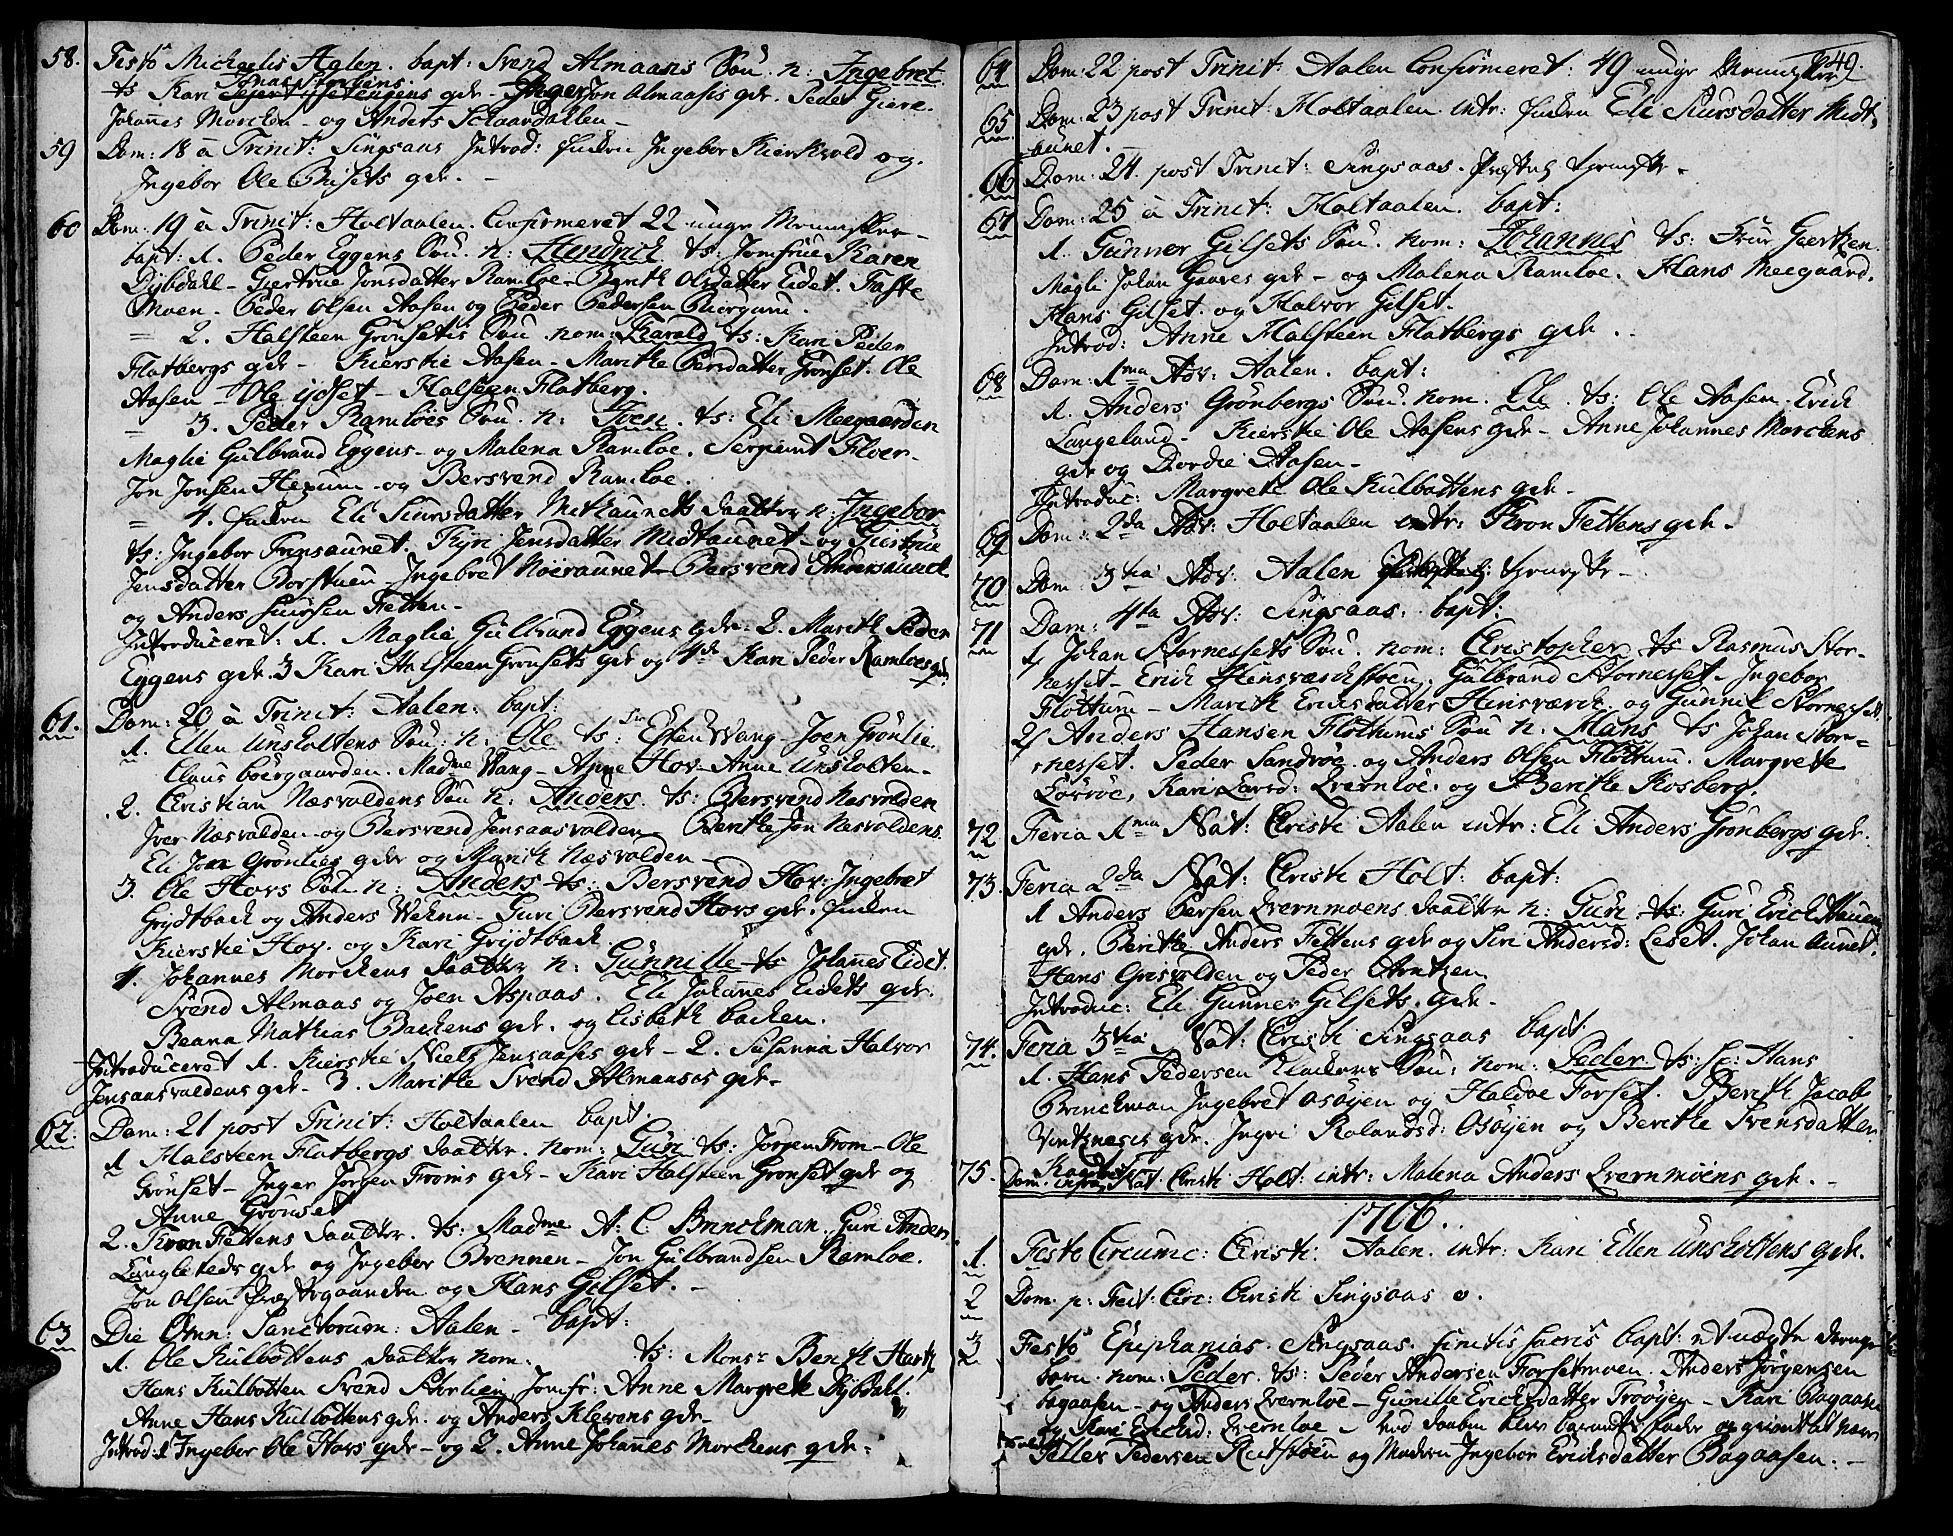 SAT, Ministerialprotokoller, klokkerbøker og fødselsregistre - Sør-Trøndelag, 685/L0952: Ministerialbok nr. 685A01, 1745-1804, s. 49